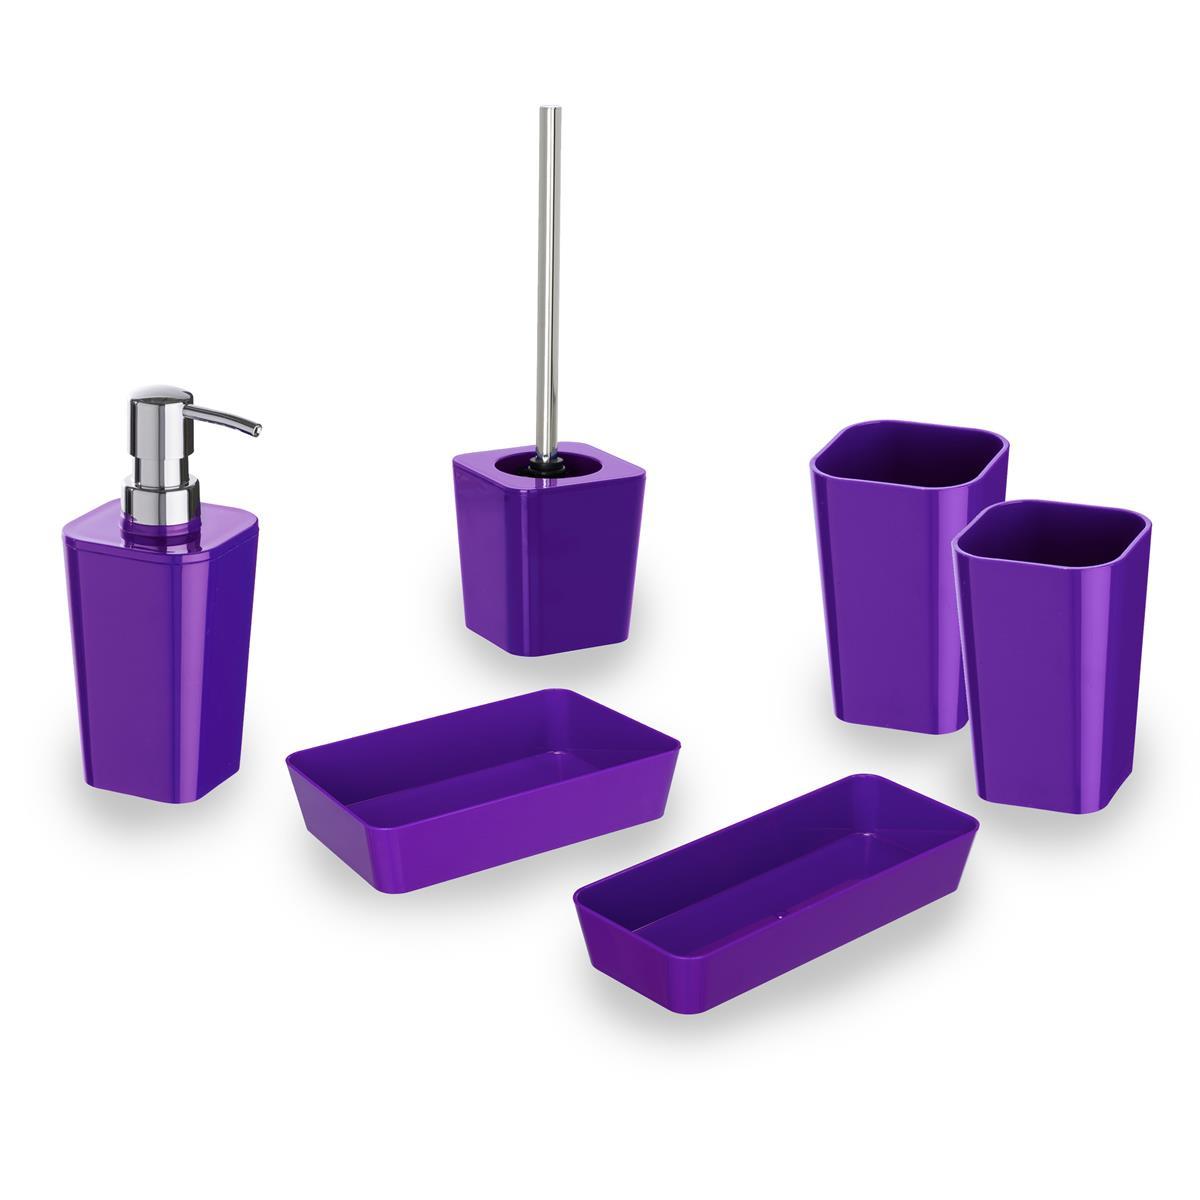 WENKO Badset Candy purple WC Garnitur Zahnputzbecher Seifenspender Ablage